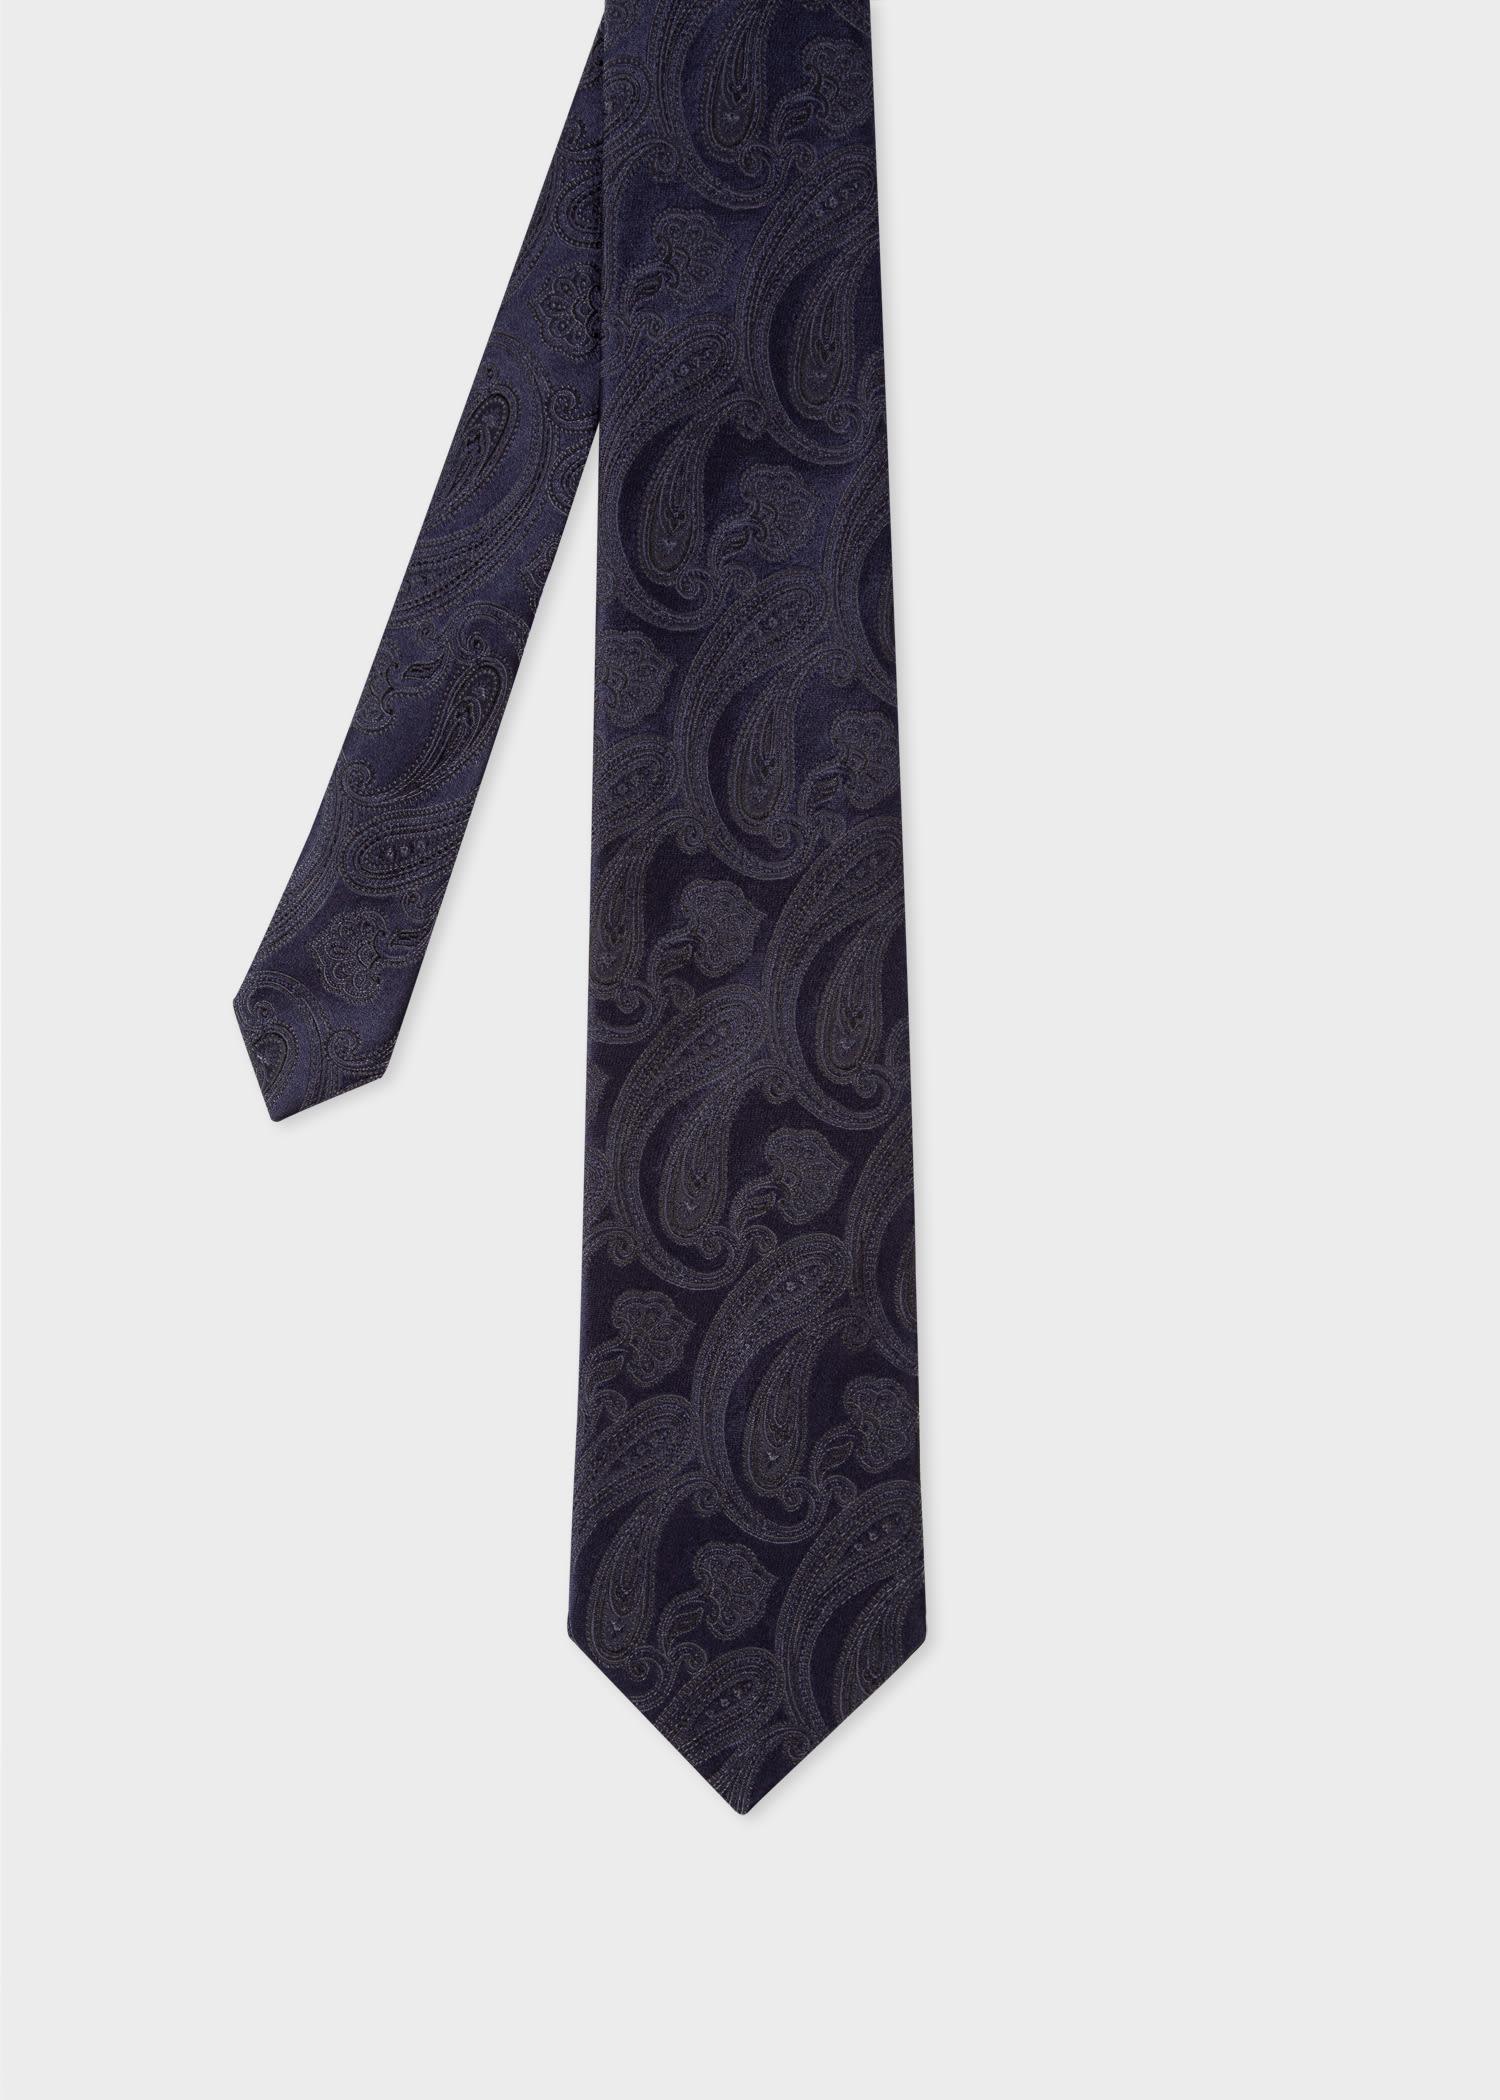 폴 스미스 Paul Smith Mens Dark Navy Tonal Paisley Silk Tie